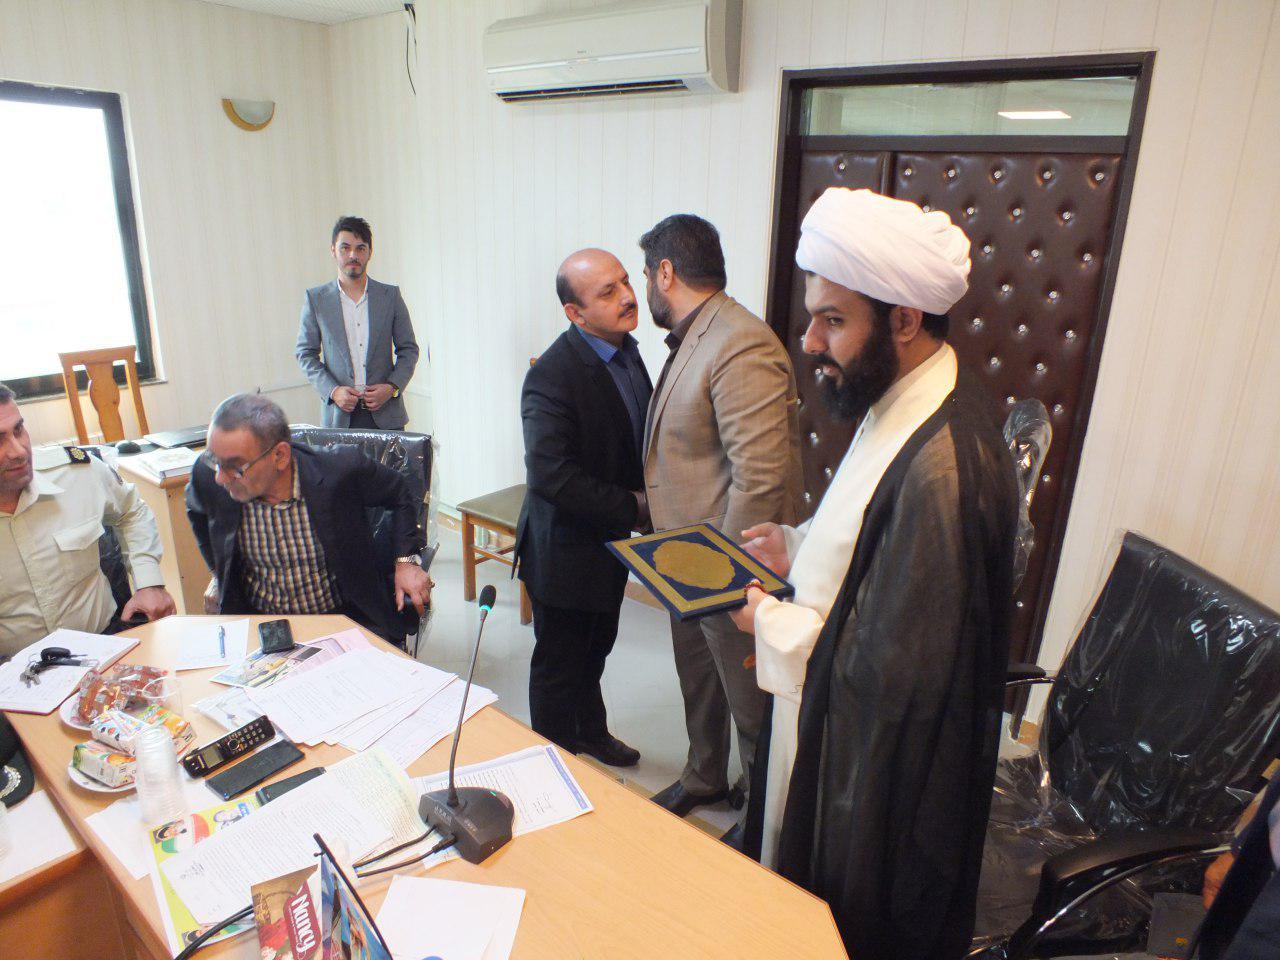 معرفی رئیس اداره آبیاری بخش کوچصفهان به عنوان مدیر نمونه